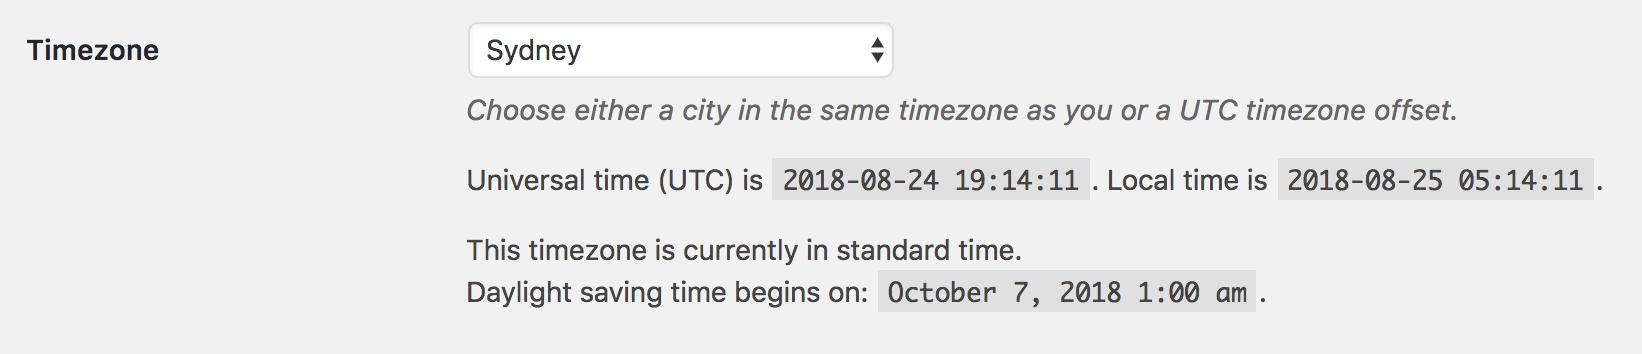 WordPress to Hootsuite Pro: Debugging: WordPress Timezone